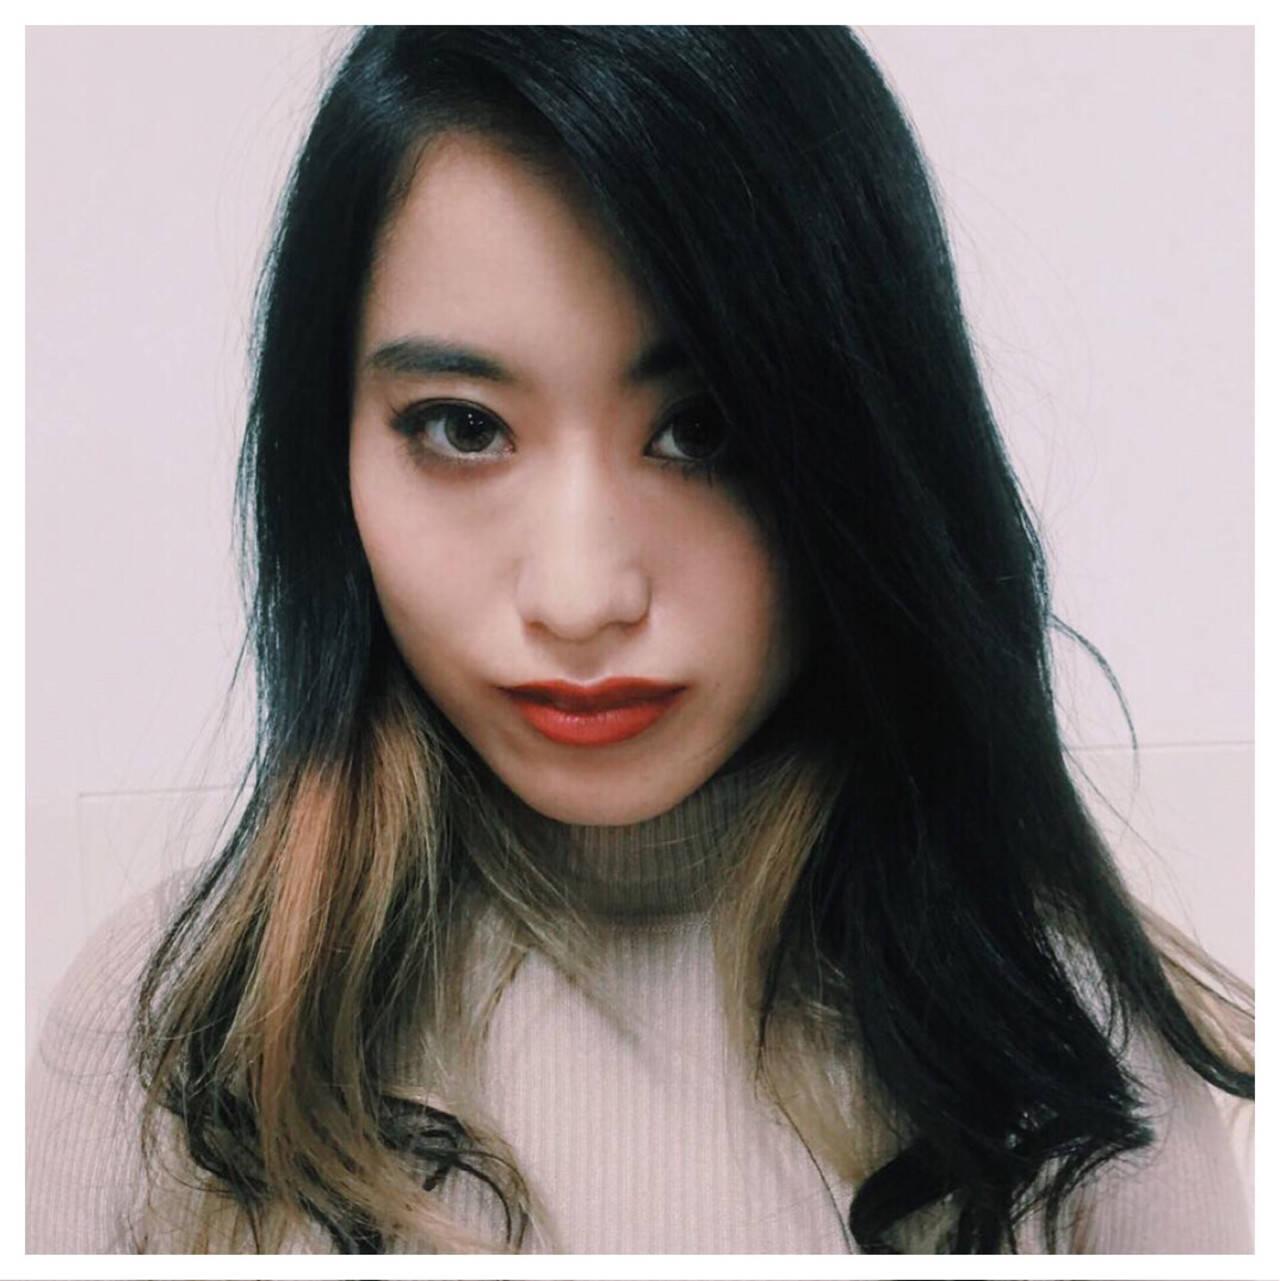 インナーカラー 外国人風 ロング モードヘアスタイルや髪型の写真・画像